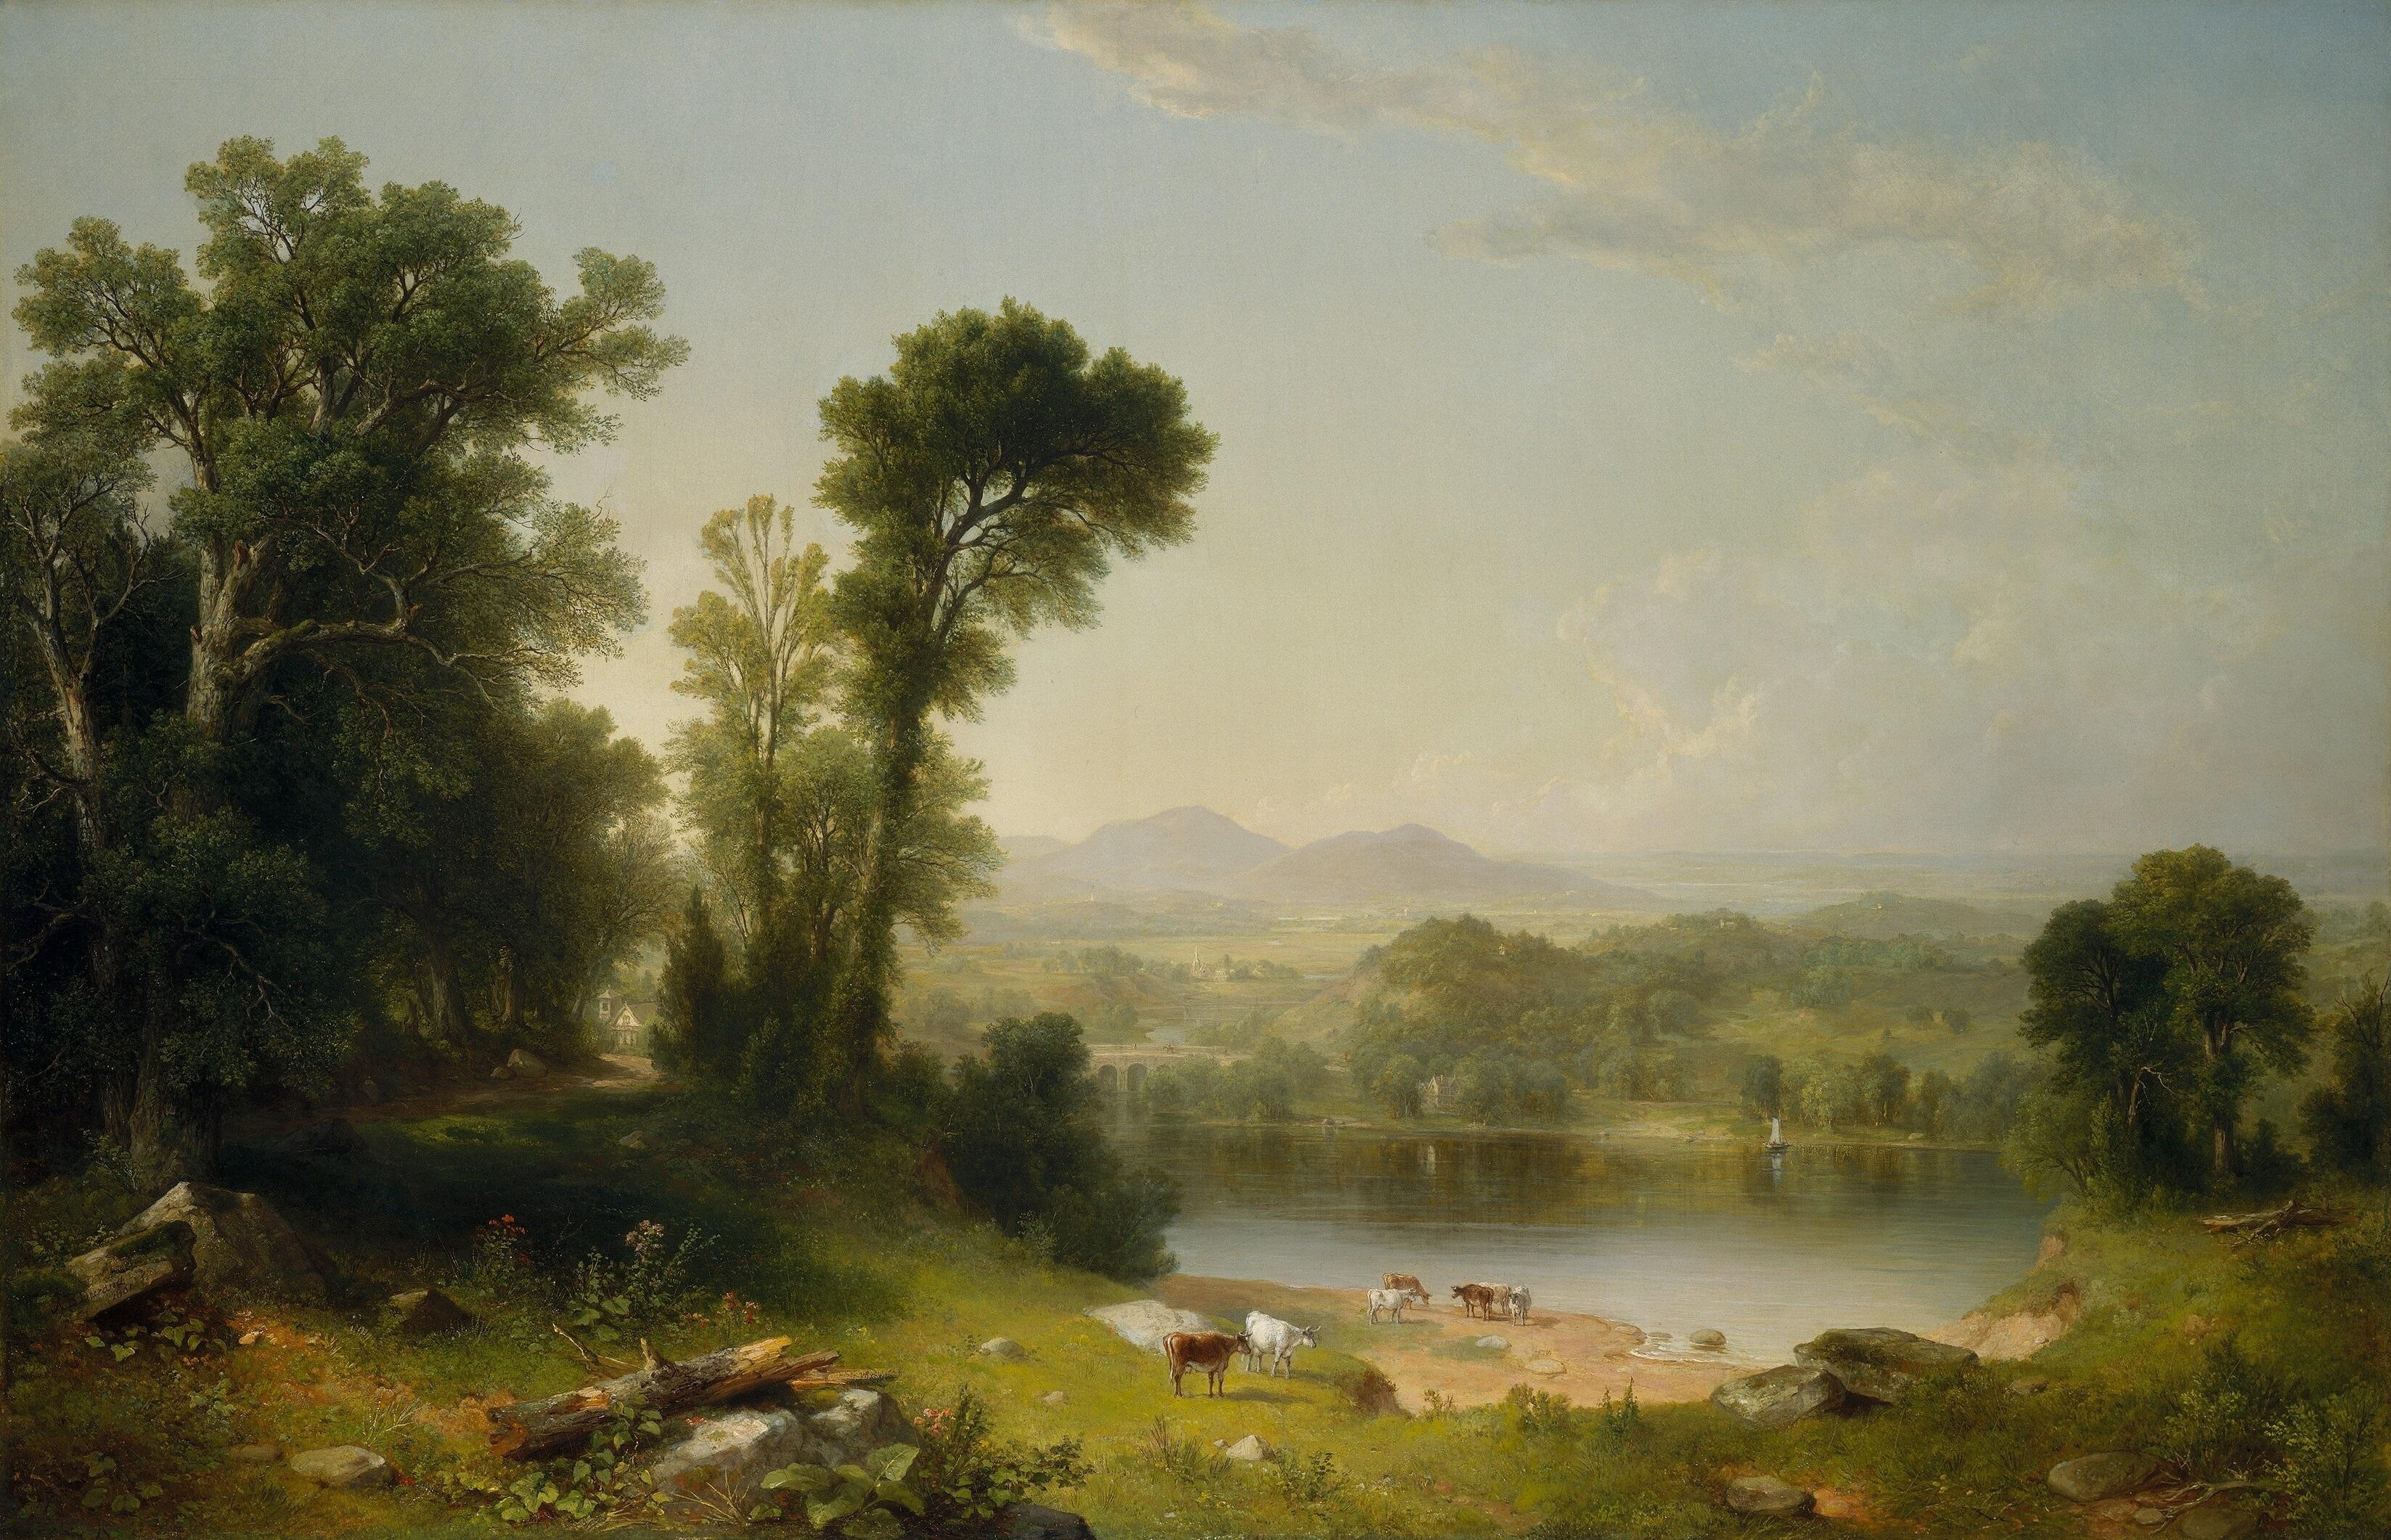 Pastoral_Landscape-1861-Asher_Brown_Durand